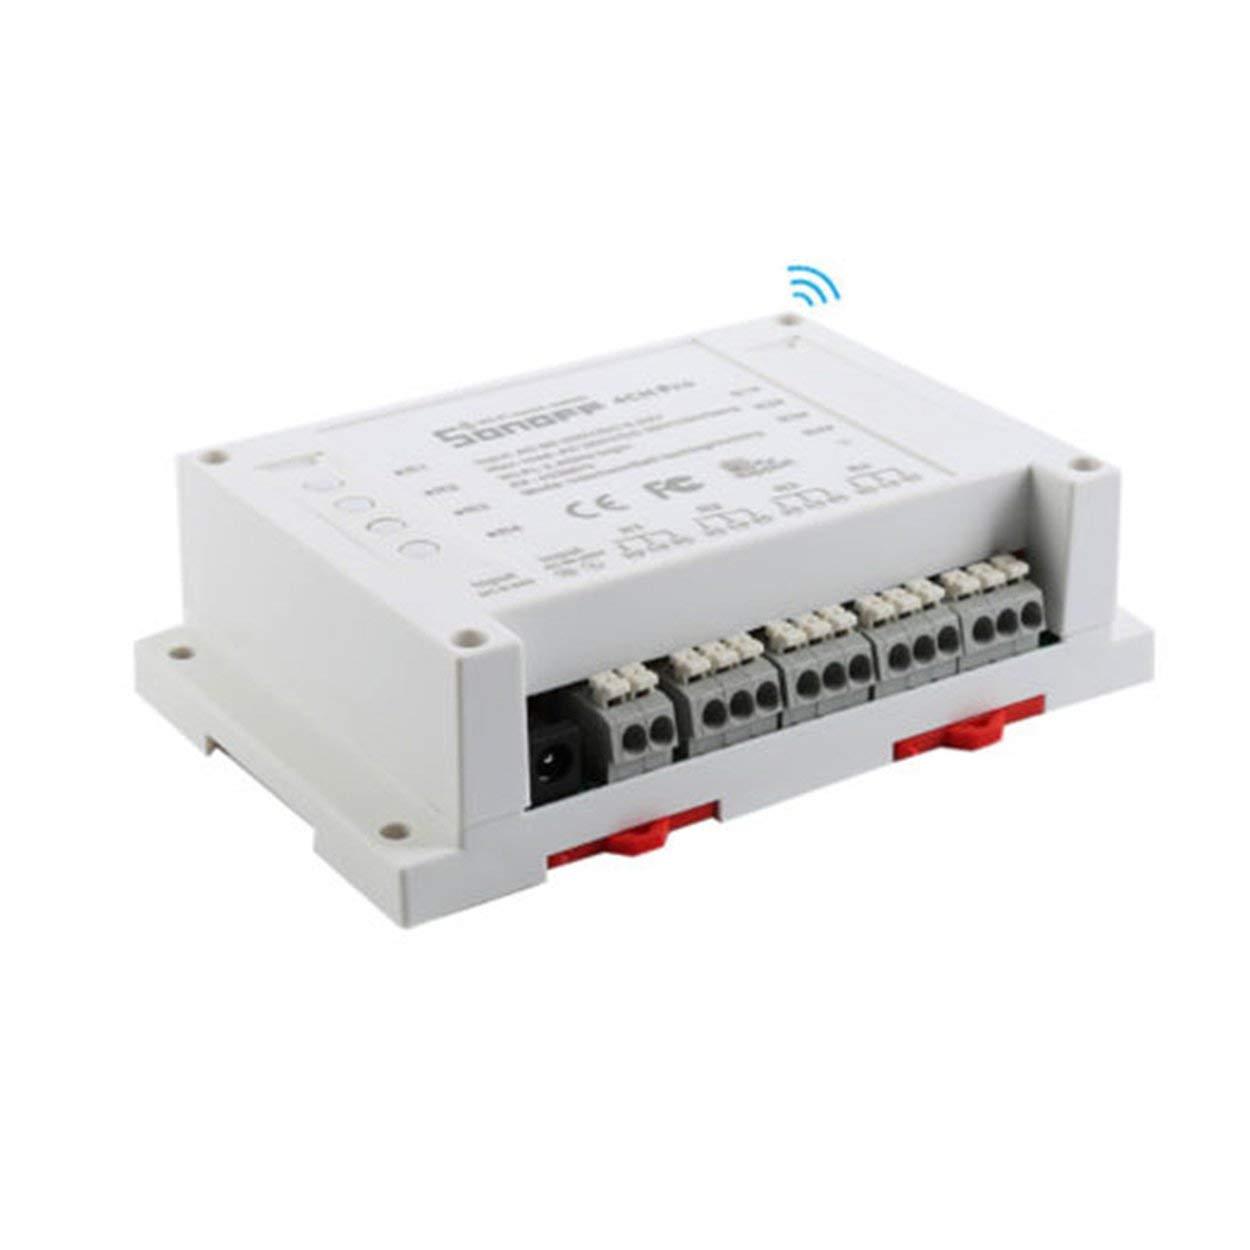 Losenlli Ajuste Sonoff Pro 4CH Montaje en riel DIN de 4 Canales WiFi Interruptor Inteligente APLICACI/ÓN de automatizaci/ón del hogar Smart WiFi Toggler Tama/ño port/átil